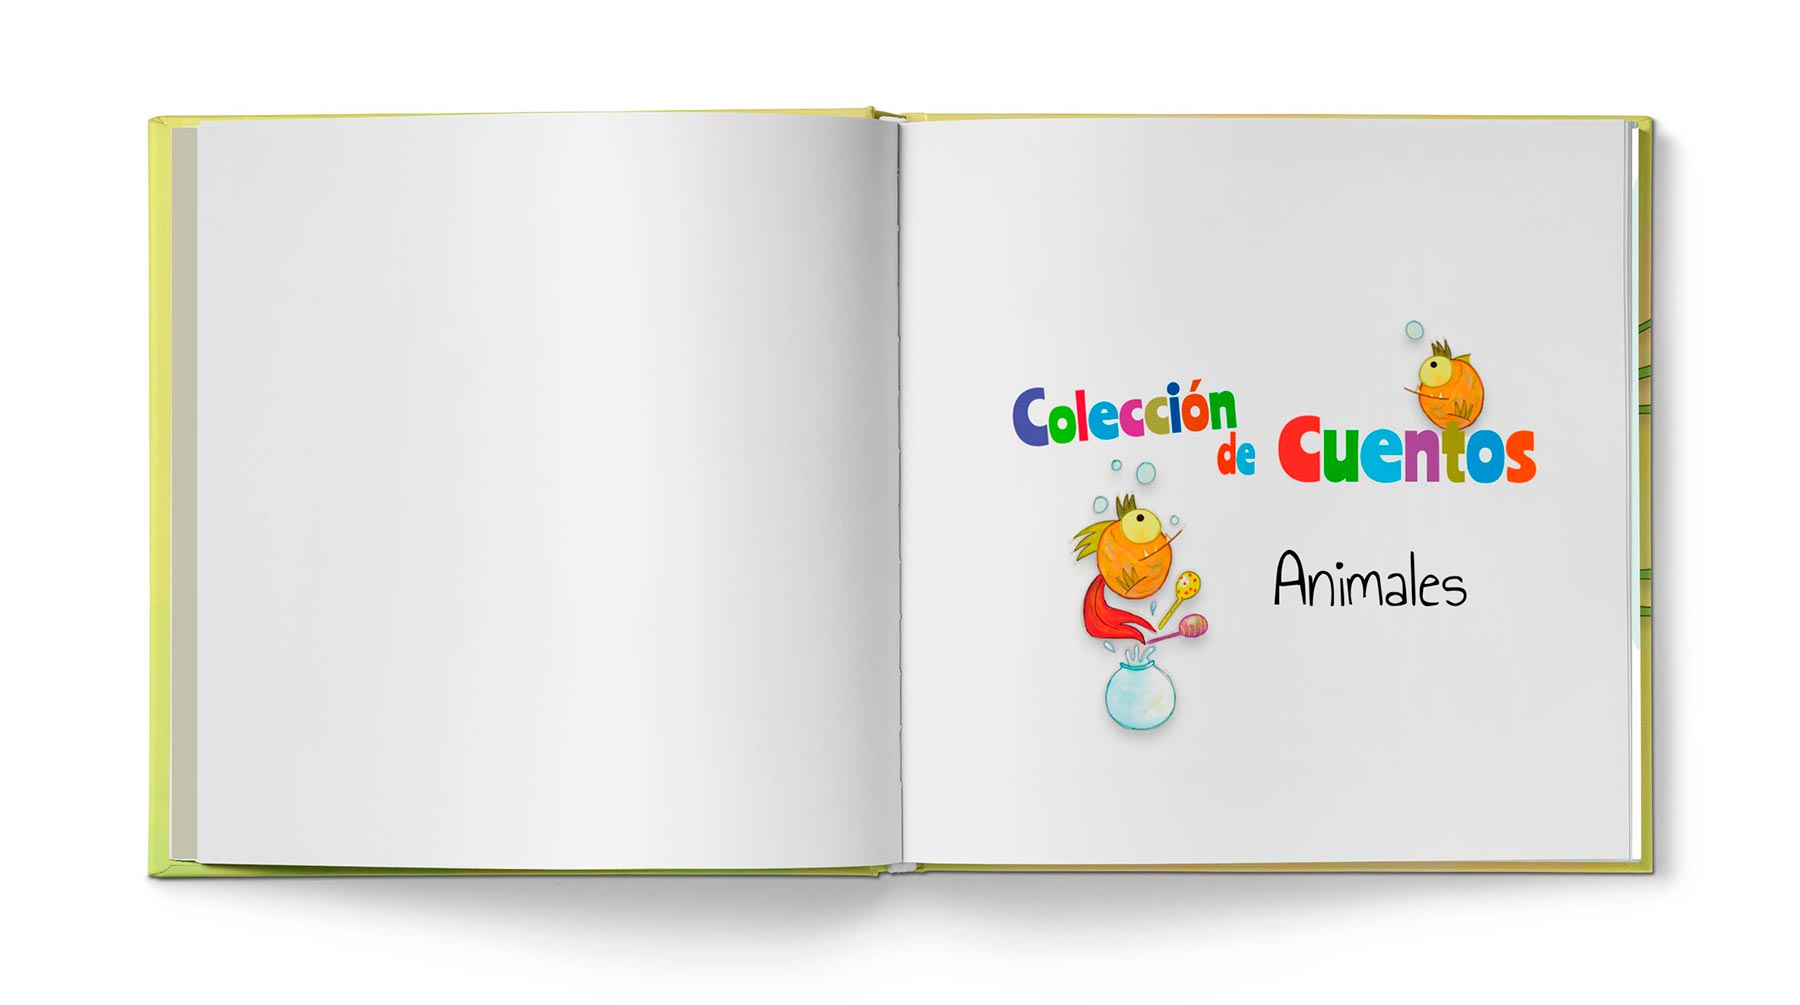 Cuento Colección animales - Imagen 1